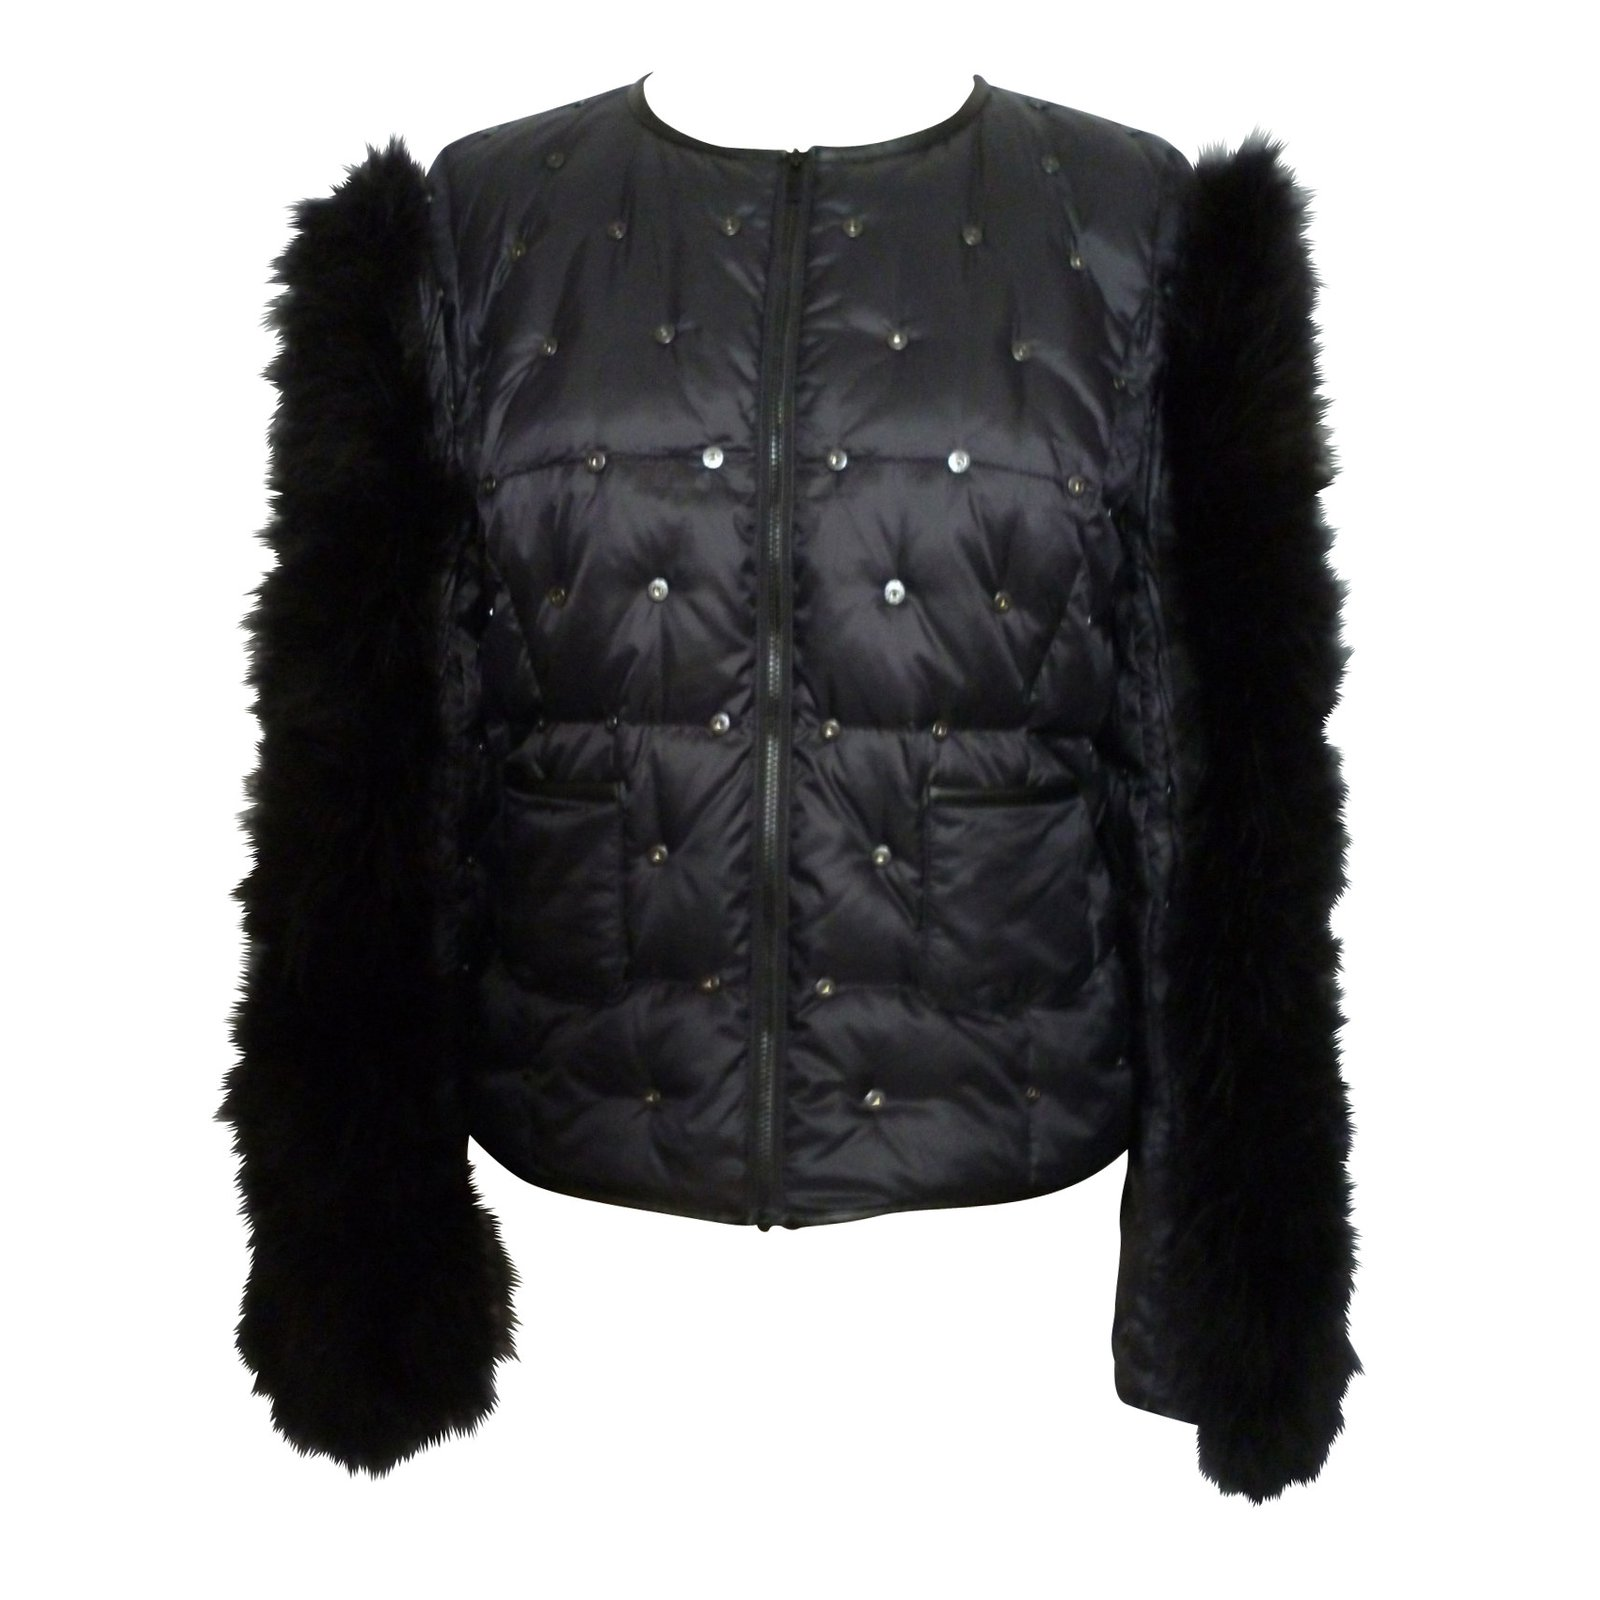 Vestes comptoir des cotonniers mademoiselle plume par serkan cura couture autre noir - Comptoir des cotonniers mademoiselle plume ...